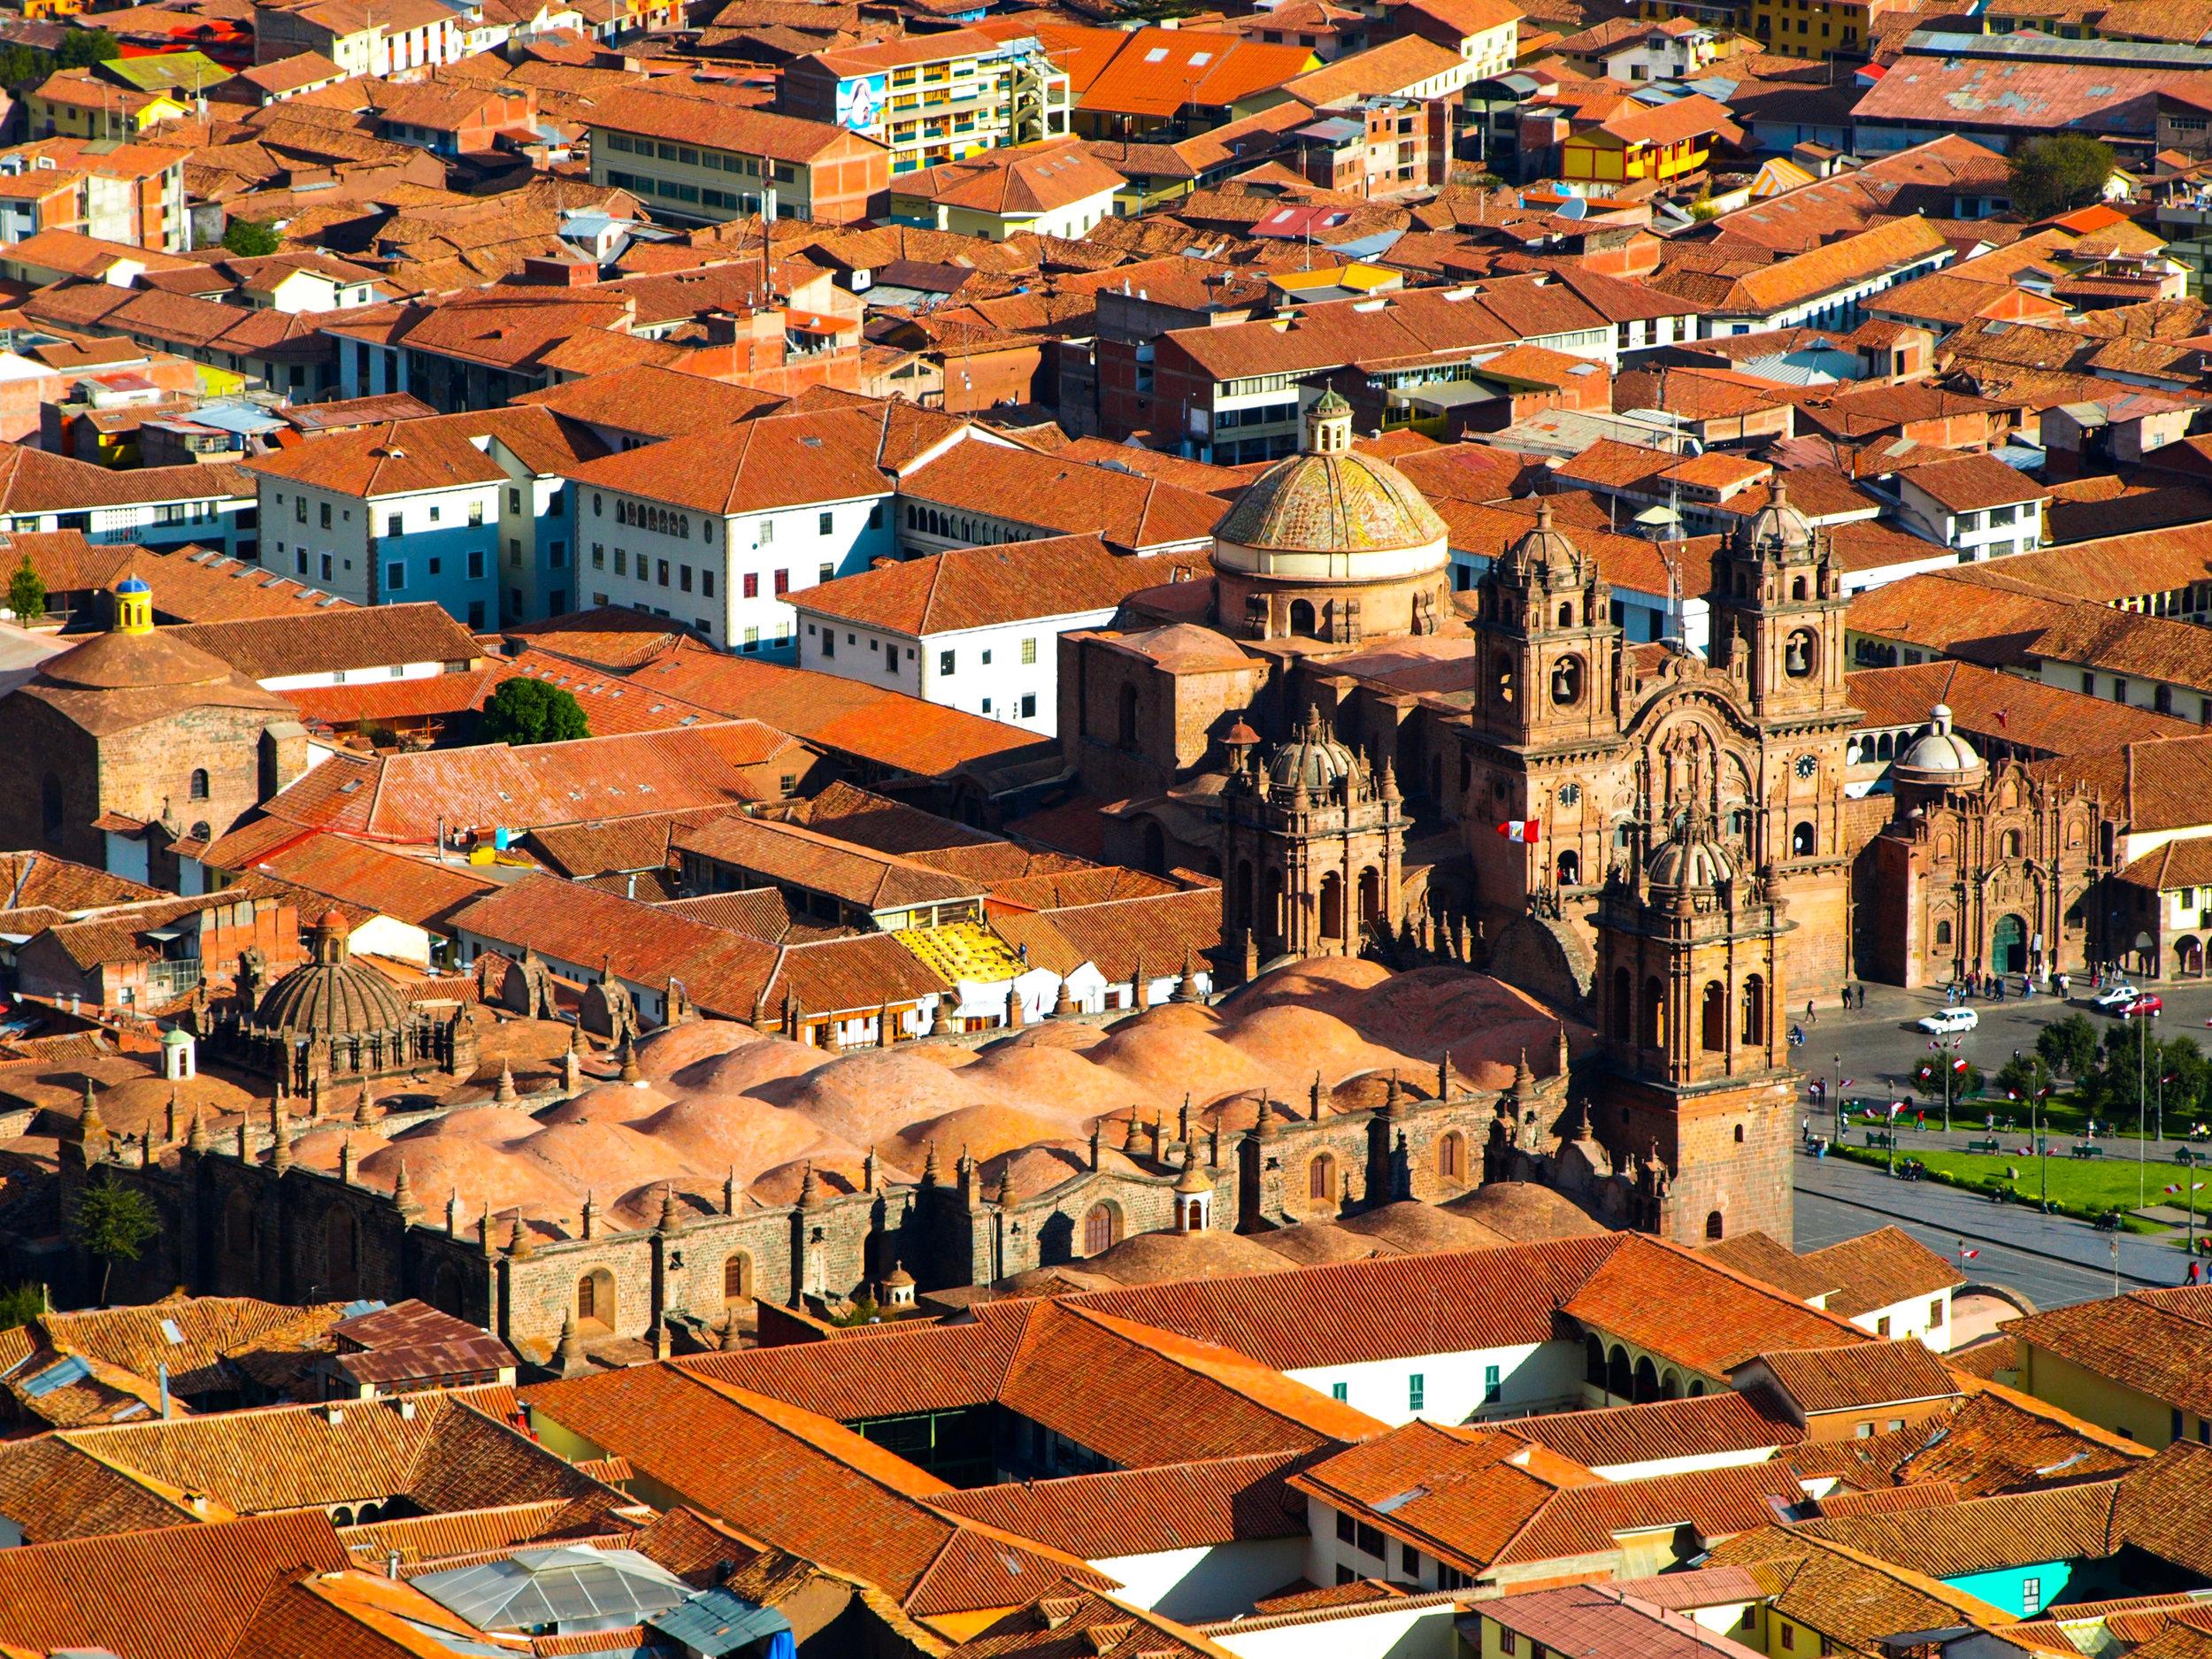 Peru og Salkantay - Lima, Machu Picchu, Cuzco, Aguas Calientes, Puno og Titicacasjøen Dette er en virkelig spennende rundreise hvor du får opplevd mange av Perus berømte naturattraksjoner